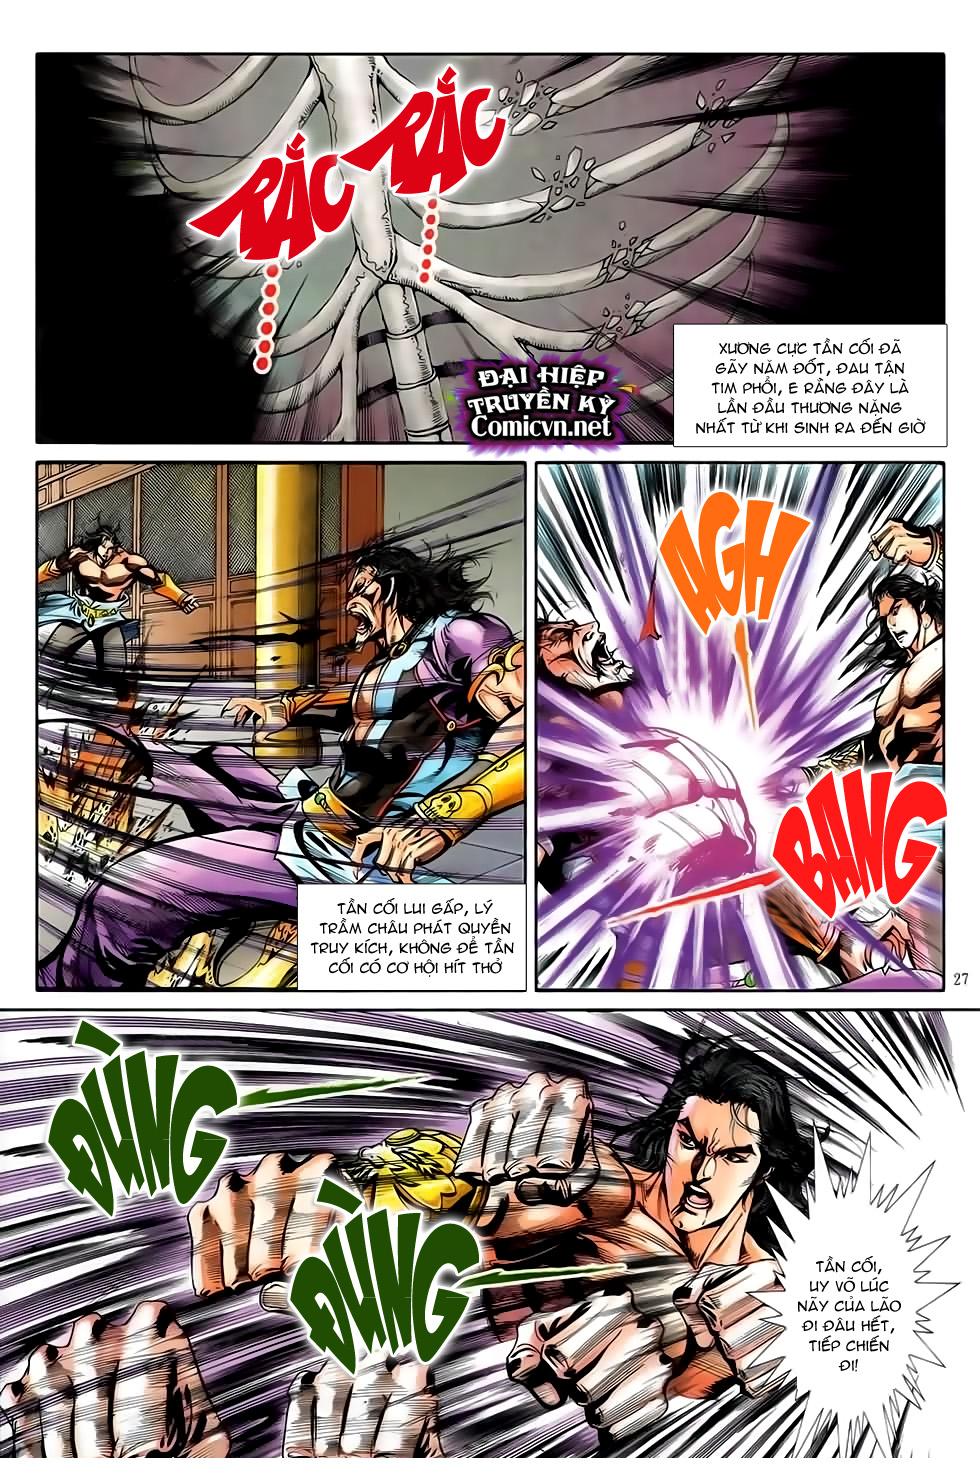 Đại Hiệp Truyền Kỳ (Thần Châu Hậu Truyện) chap 51 - Trang 24